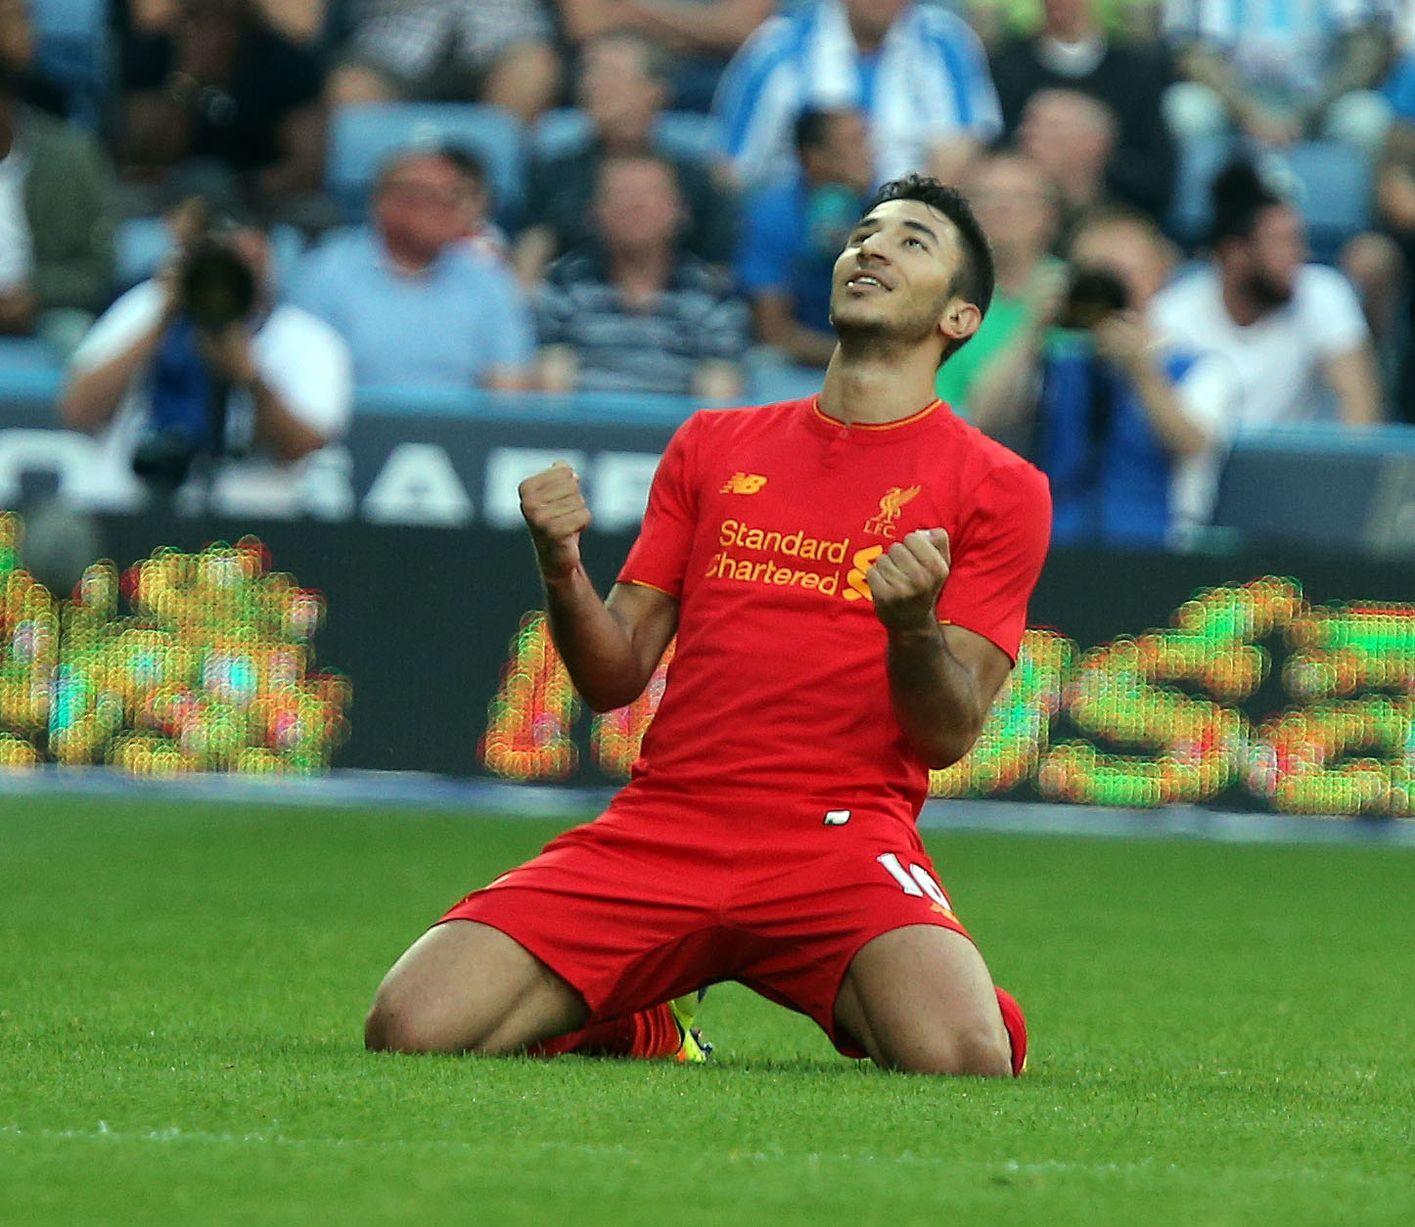 Huddersfield Town v Liverpool pre sezóna priateľský - Marko jangresner otvára skóre.